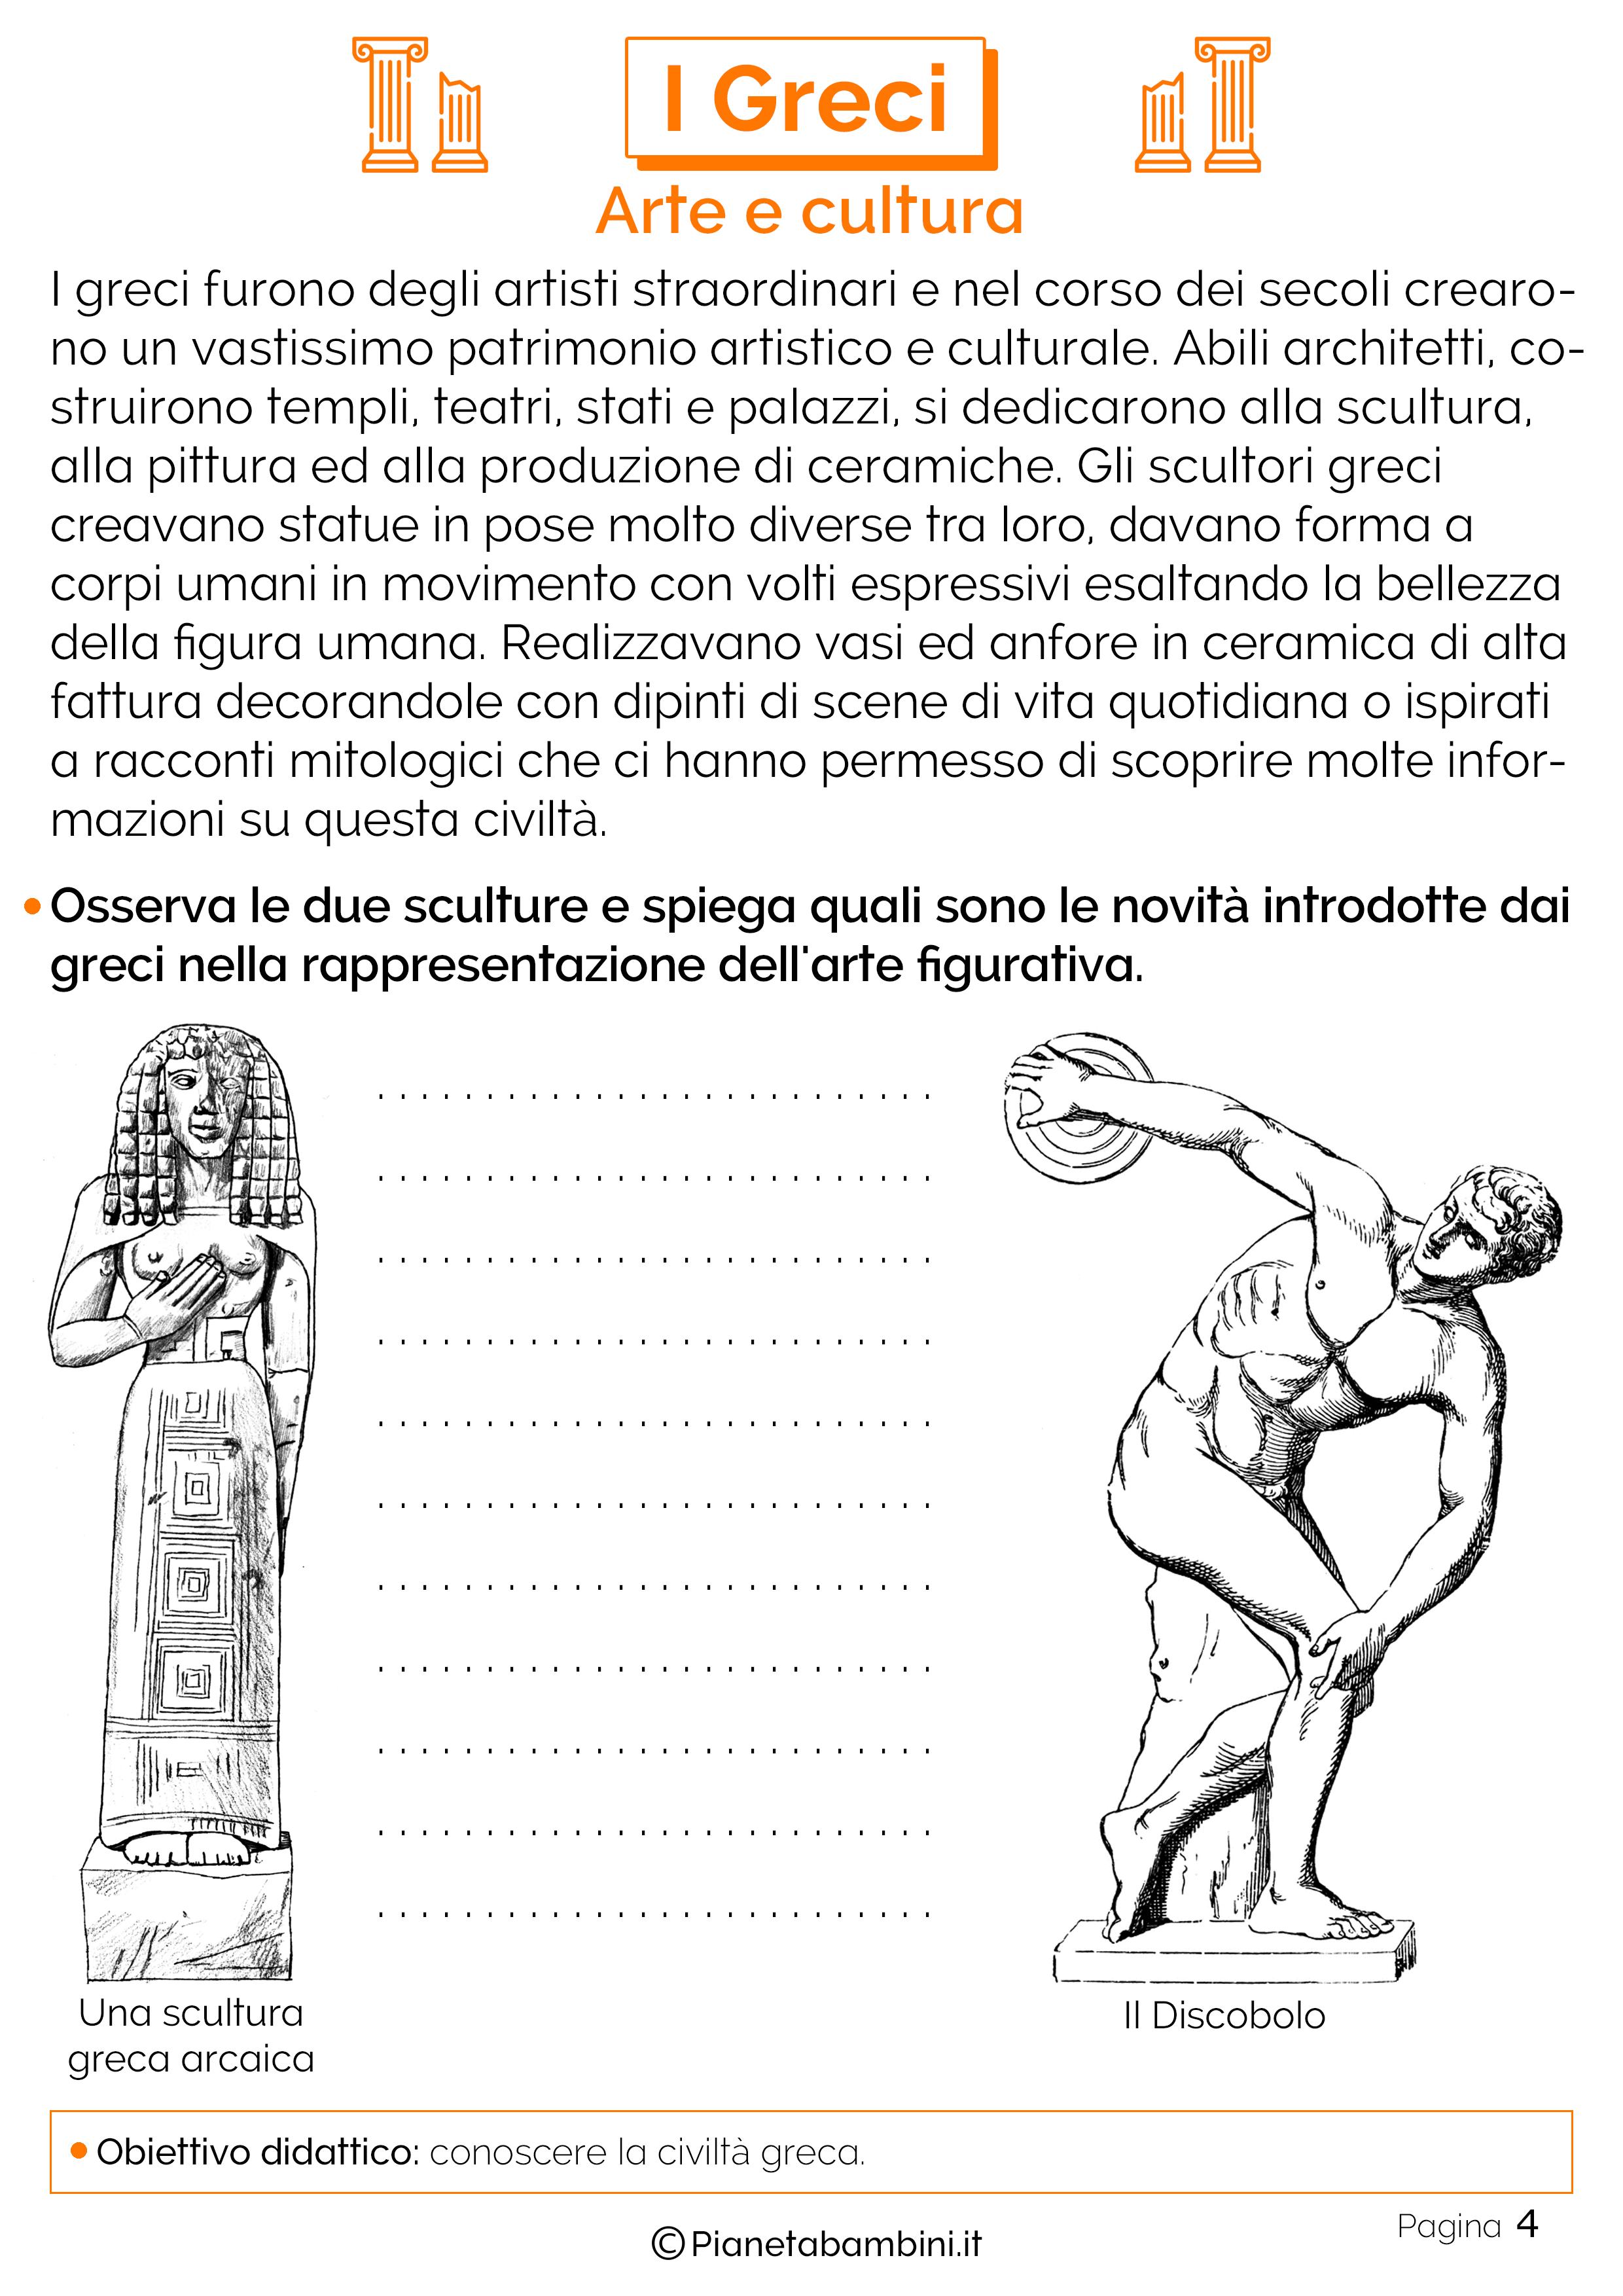 I greci schede didattiche per la scuola primaria